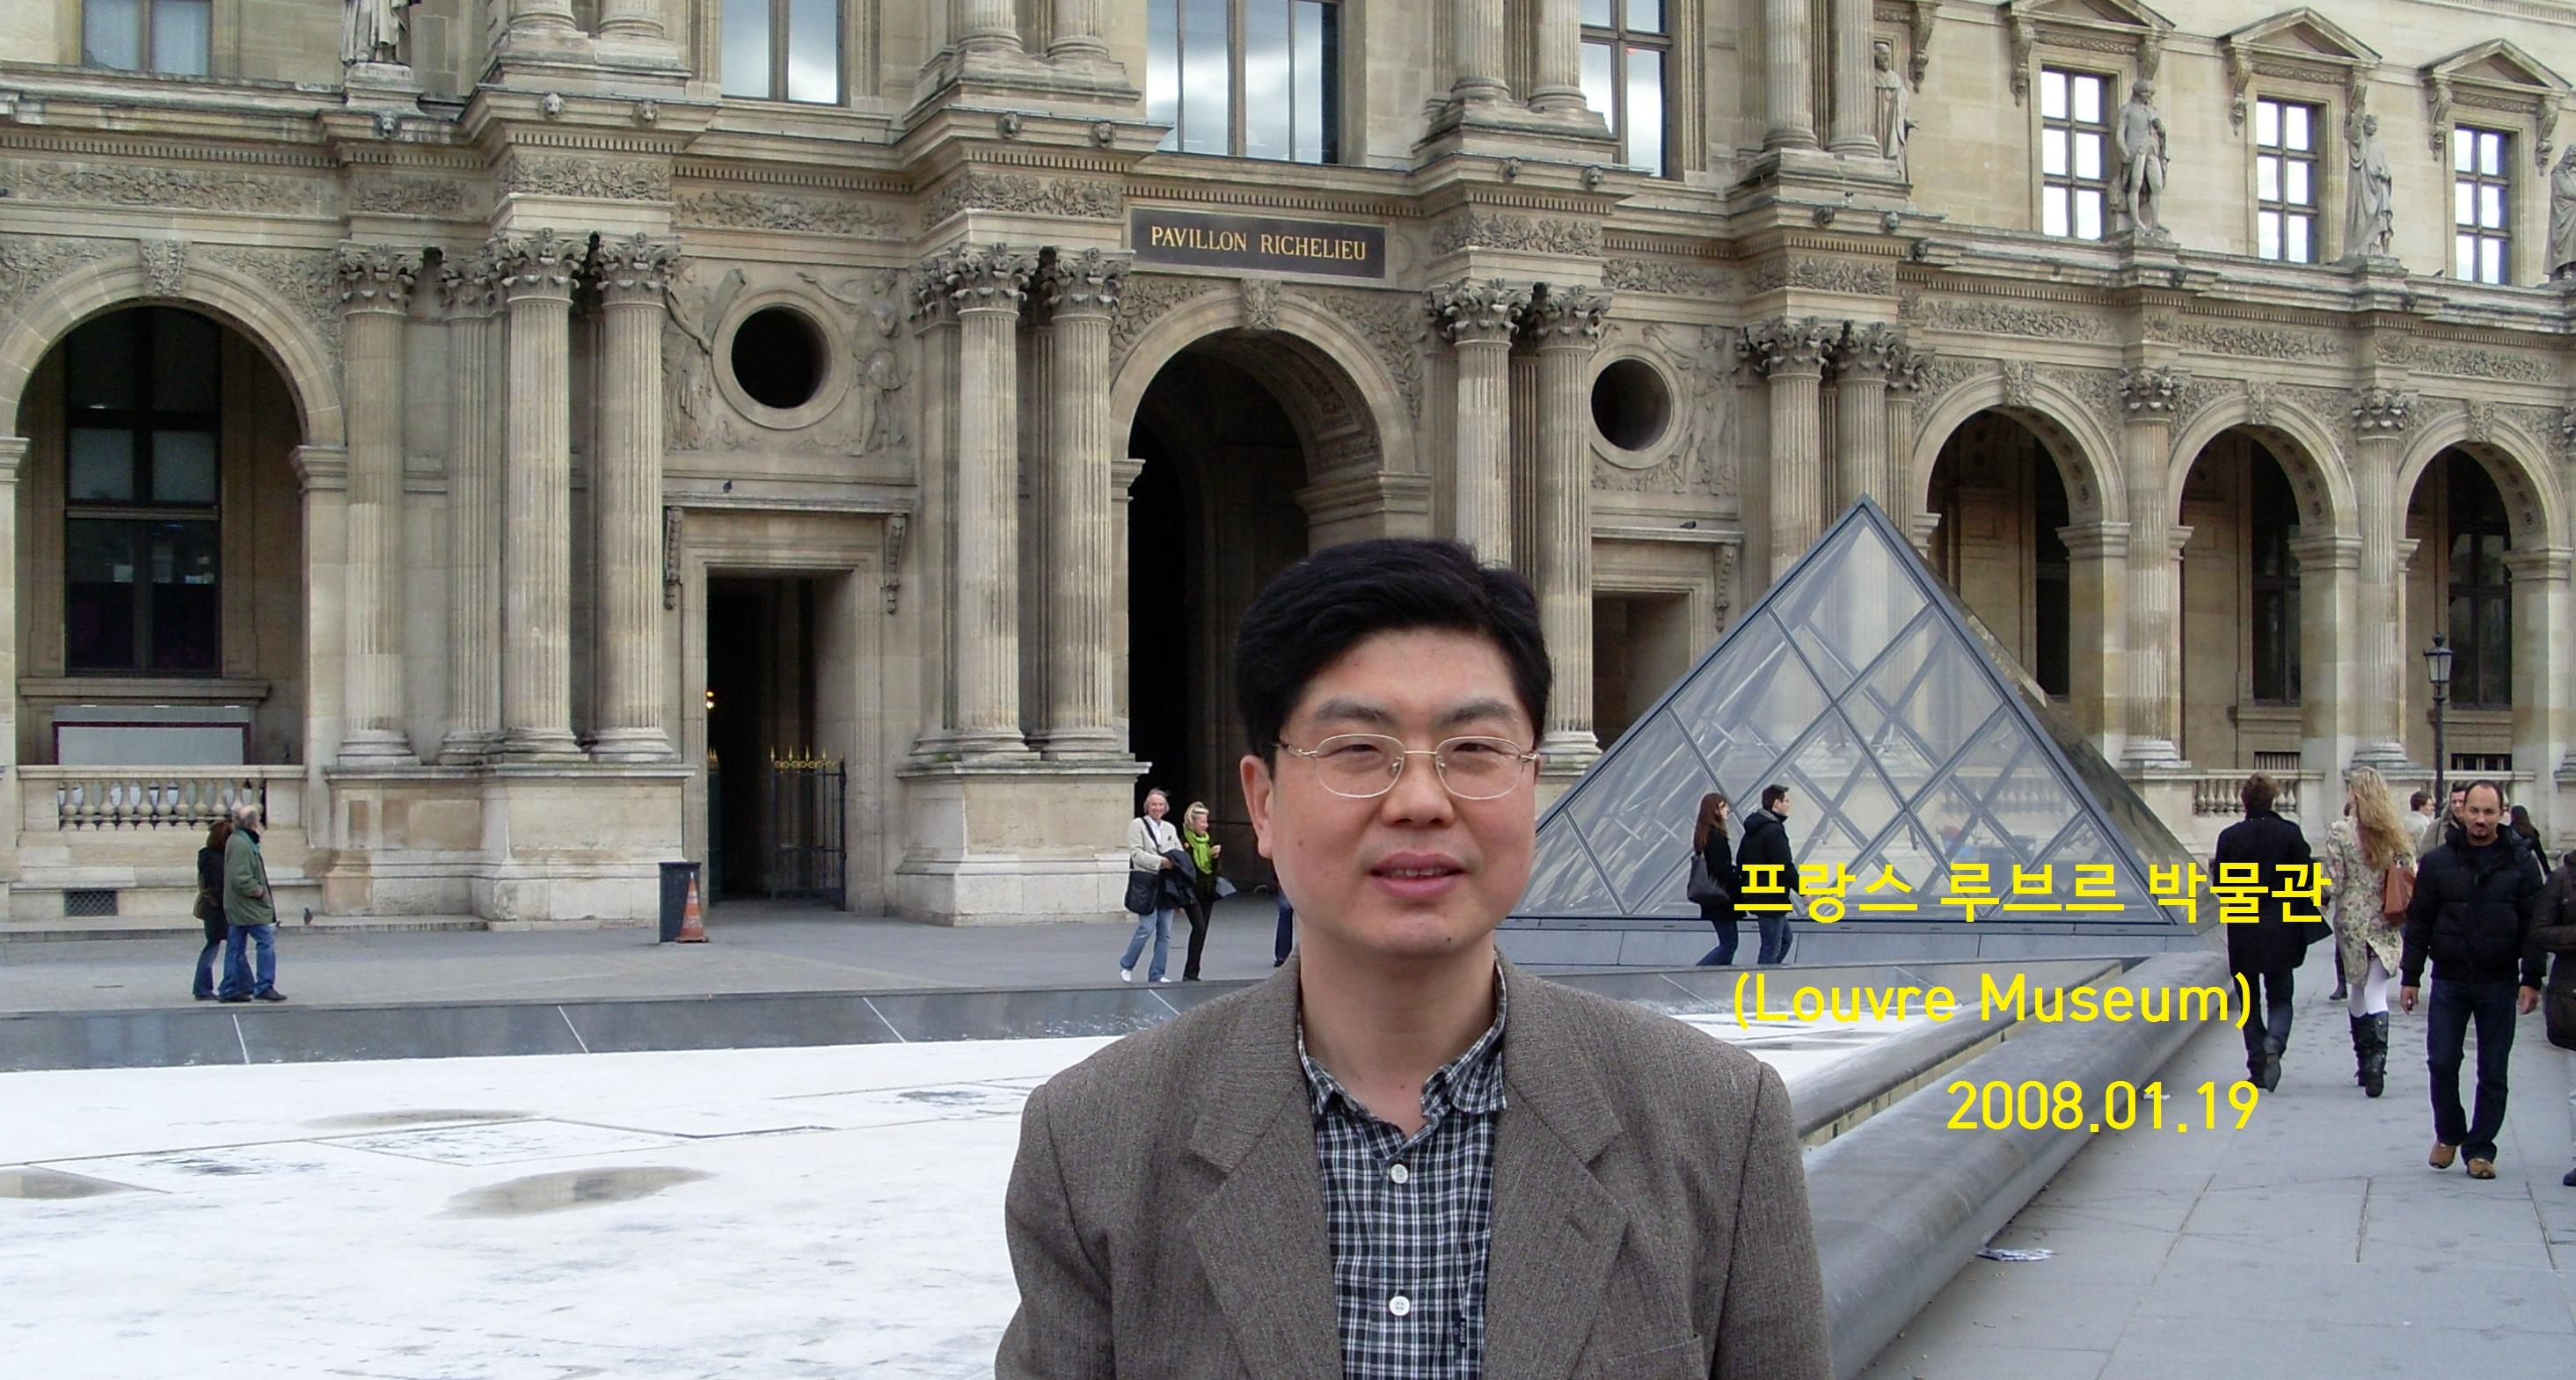 프랑스 파리 루브르 박물관